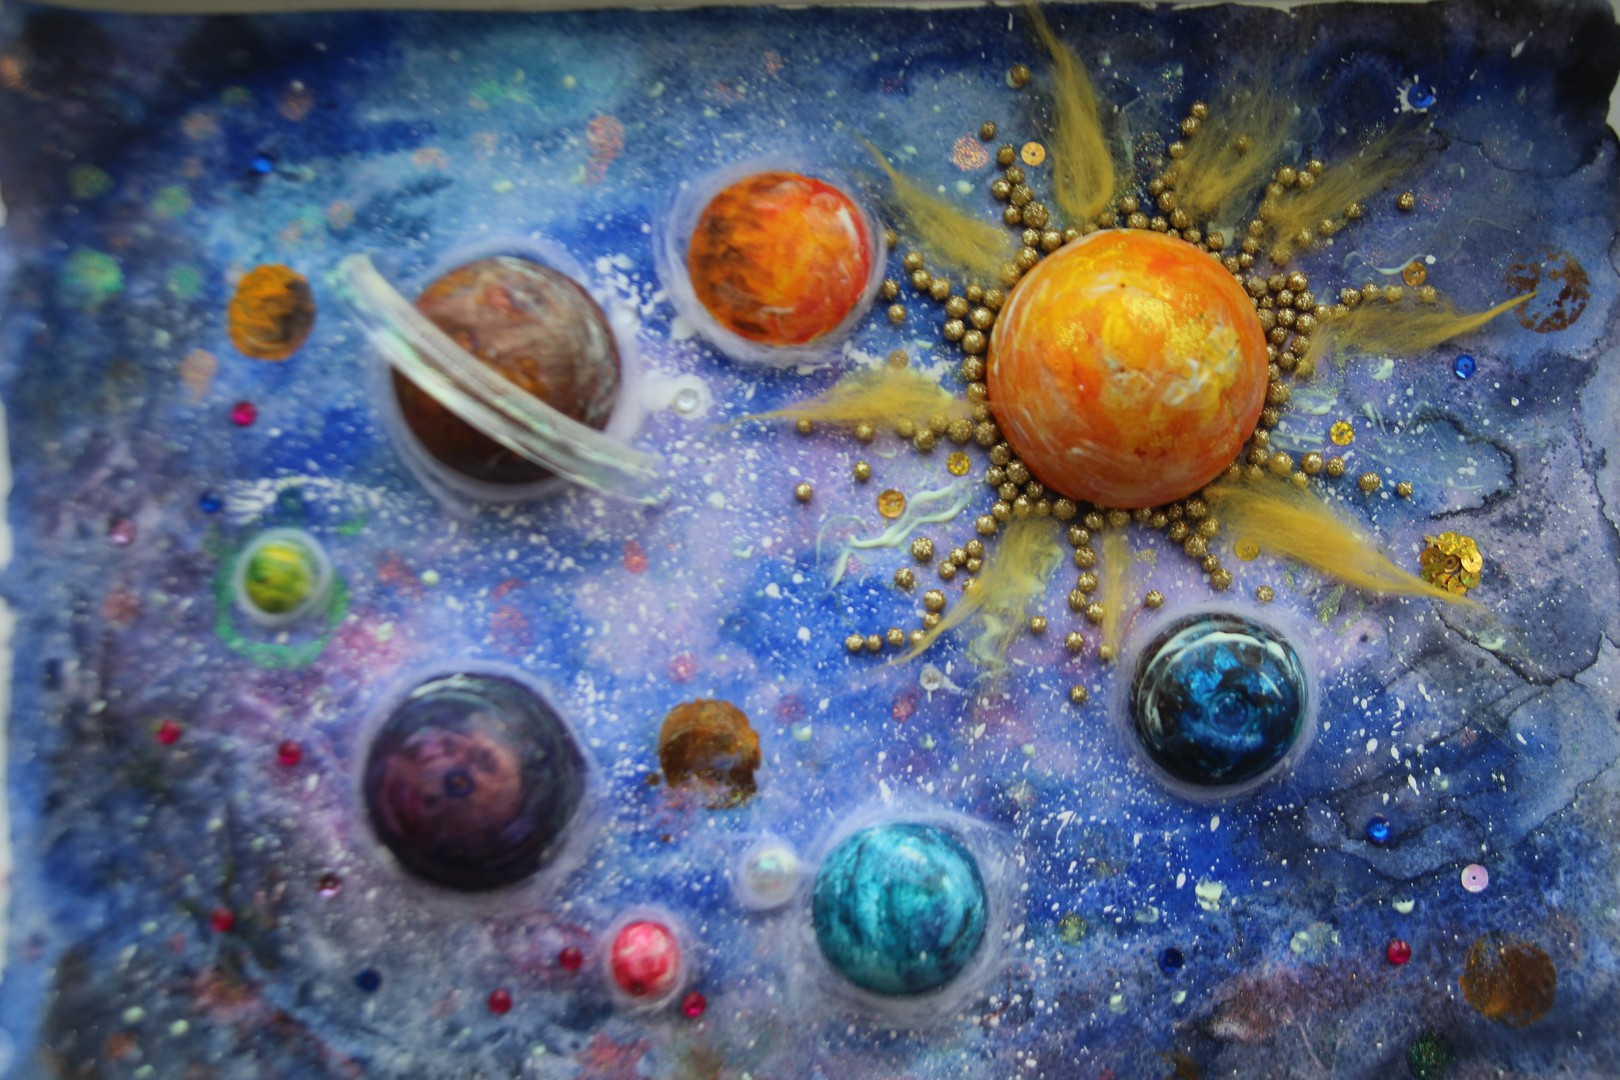 Цветы фон, картинки гуашью космос